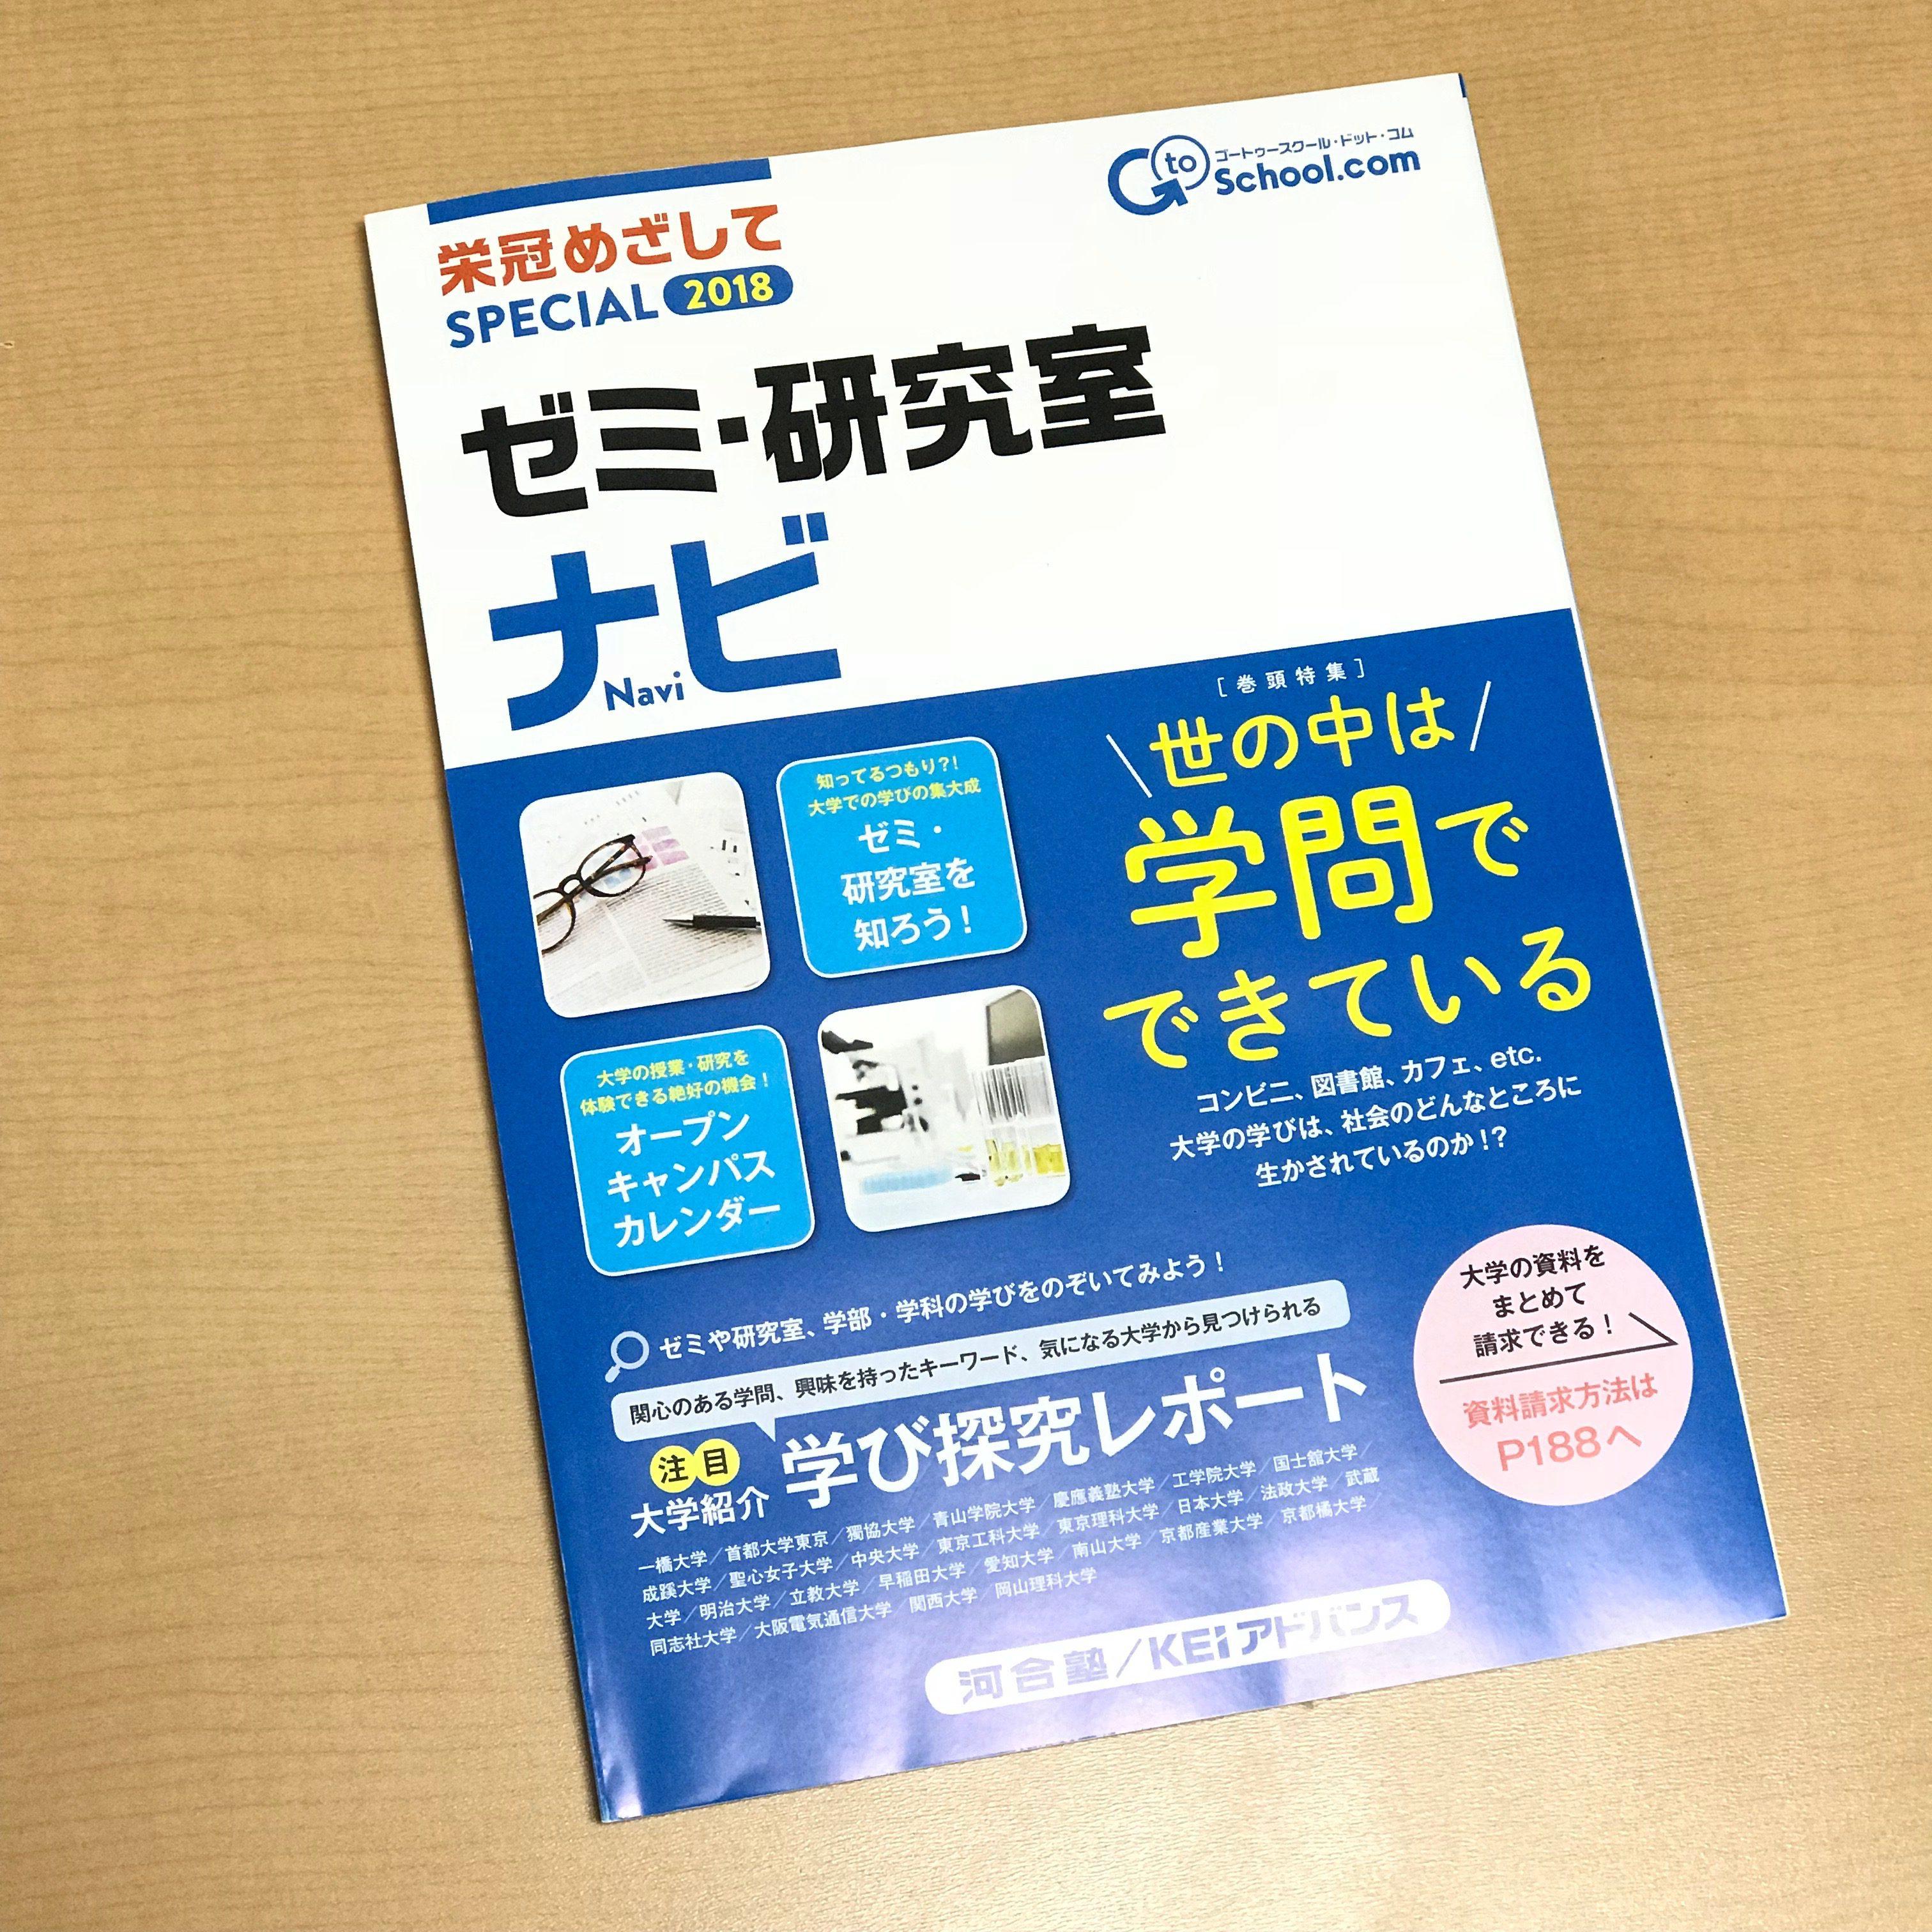 河合塾の受験情報誌「栄冠目指してSPECIAL」幅広い大学のゼミ情報が載っている。